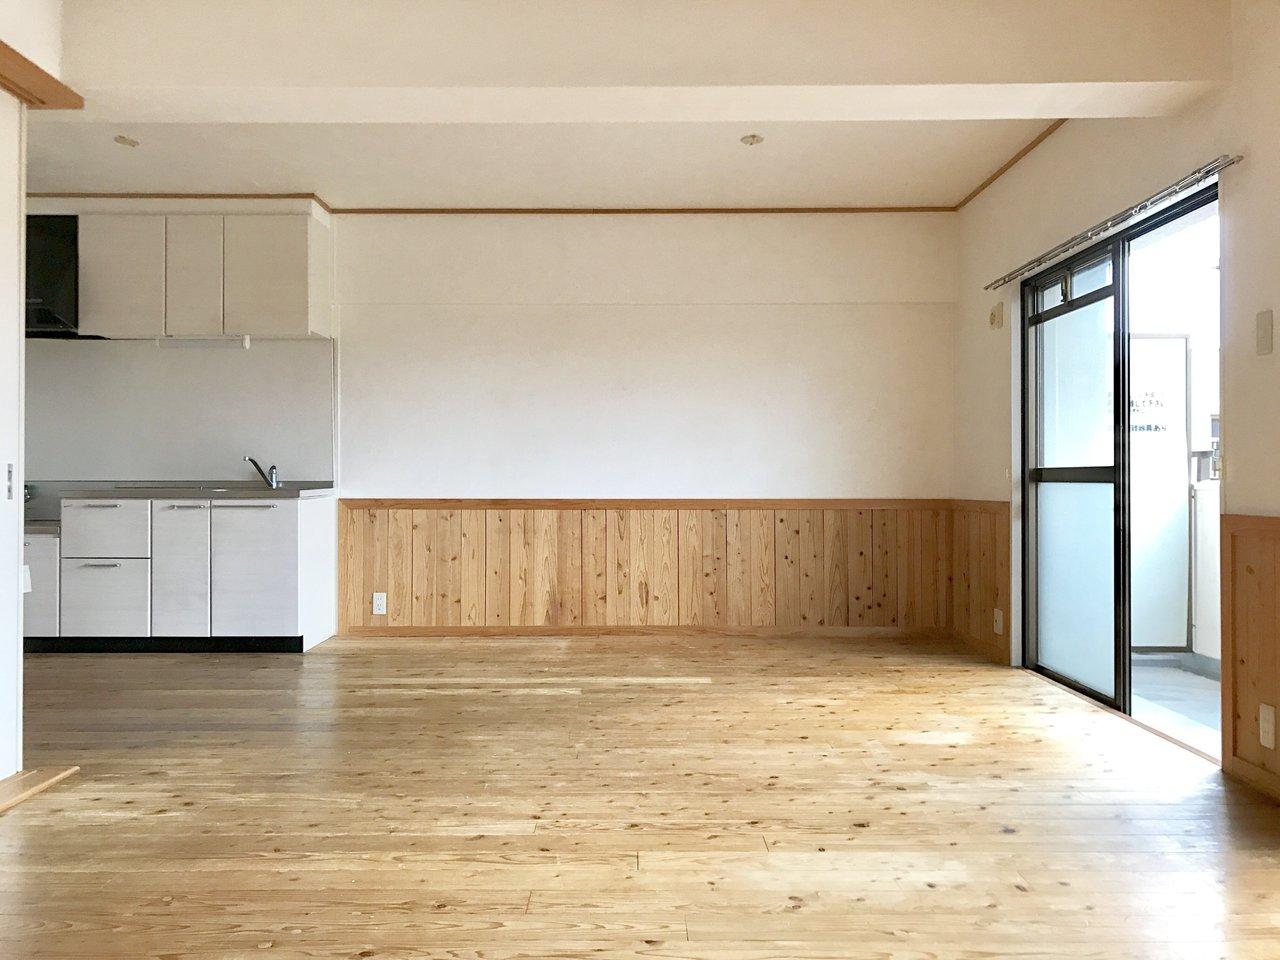 床と腰壁に贅沢に無垢材を使った部屋です。夏もサラサラ、スベスベの触り心地が楽しめます。